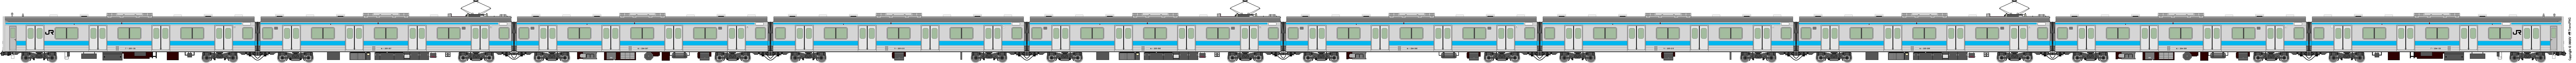 鐵路列車 5580